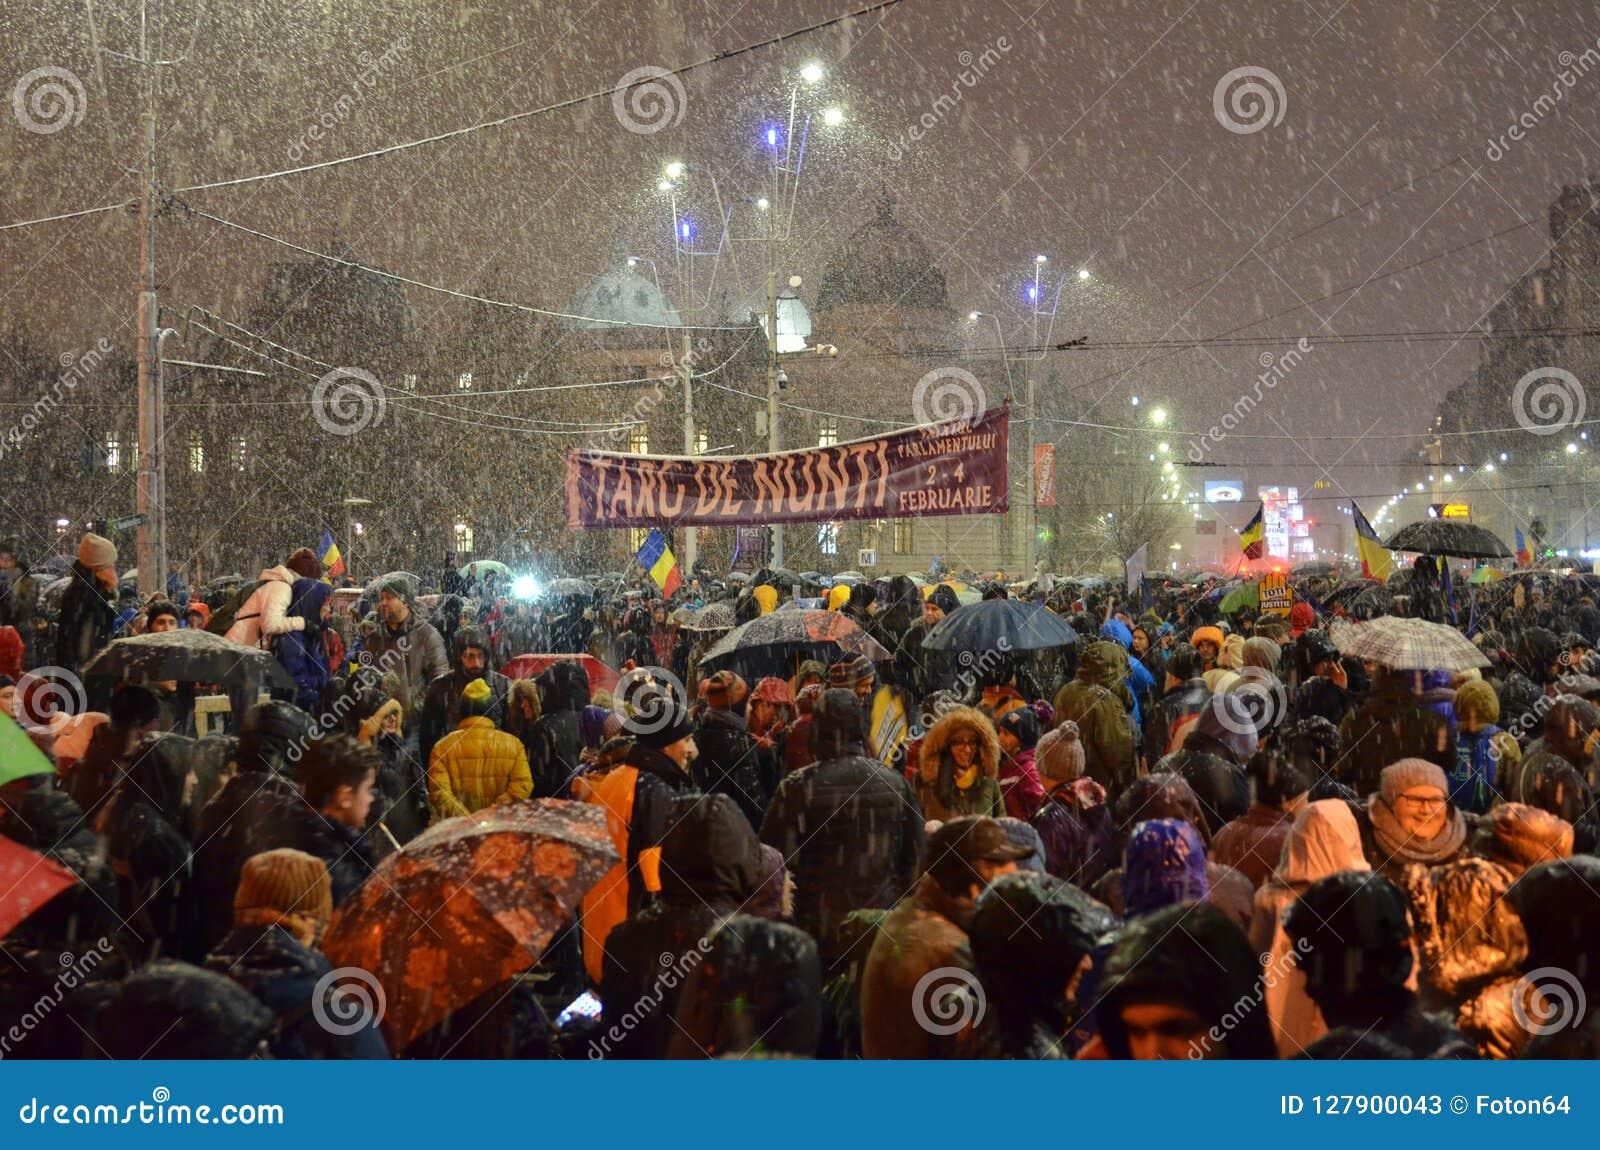 Antiregierung protestiert in Bukarest im rauen Wetter